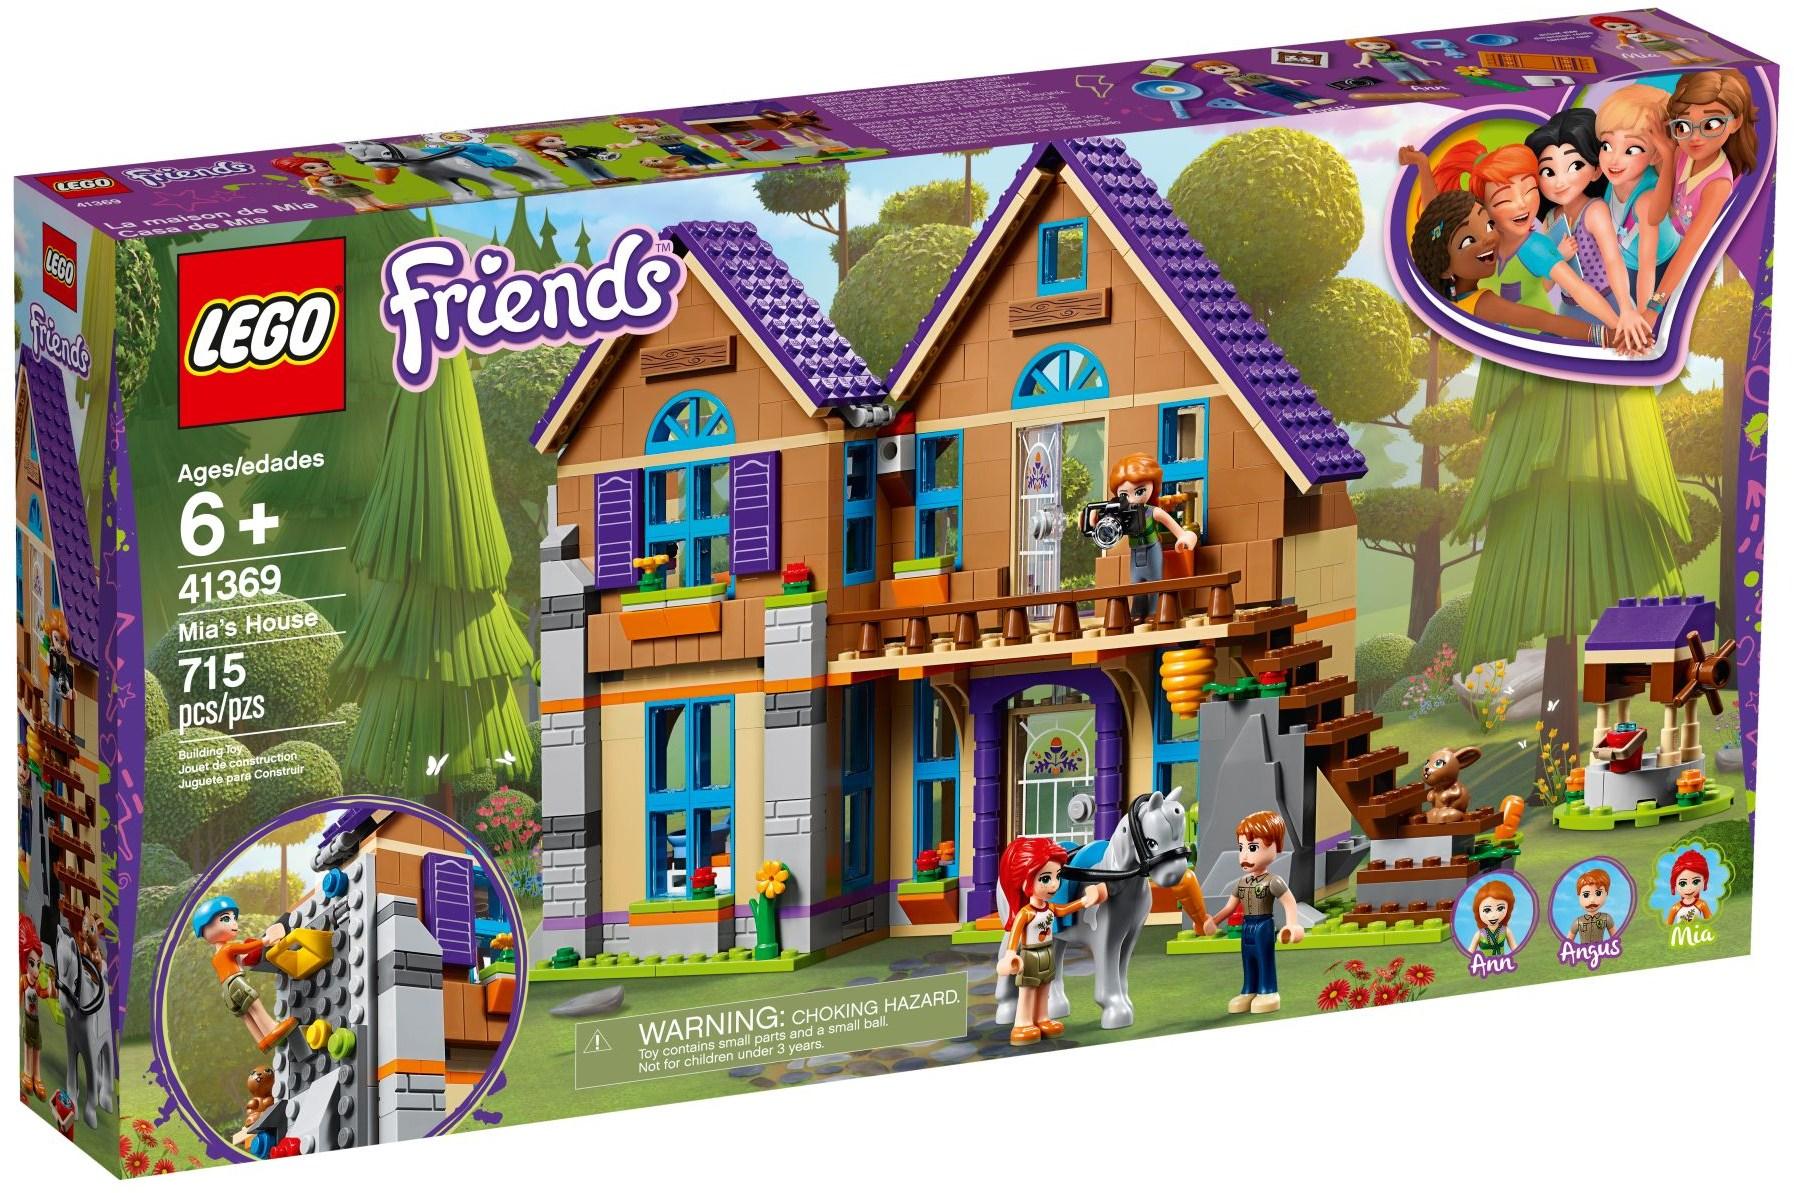 Mias House 41369 Lego Friends Wiki Fandom Powered By Wikia